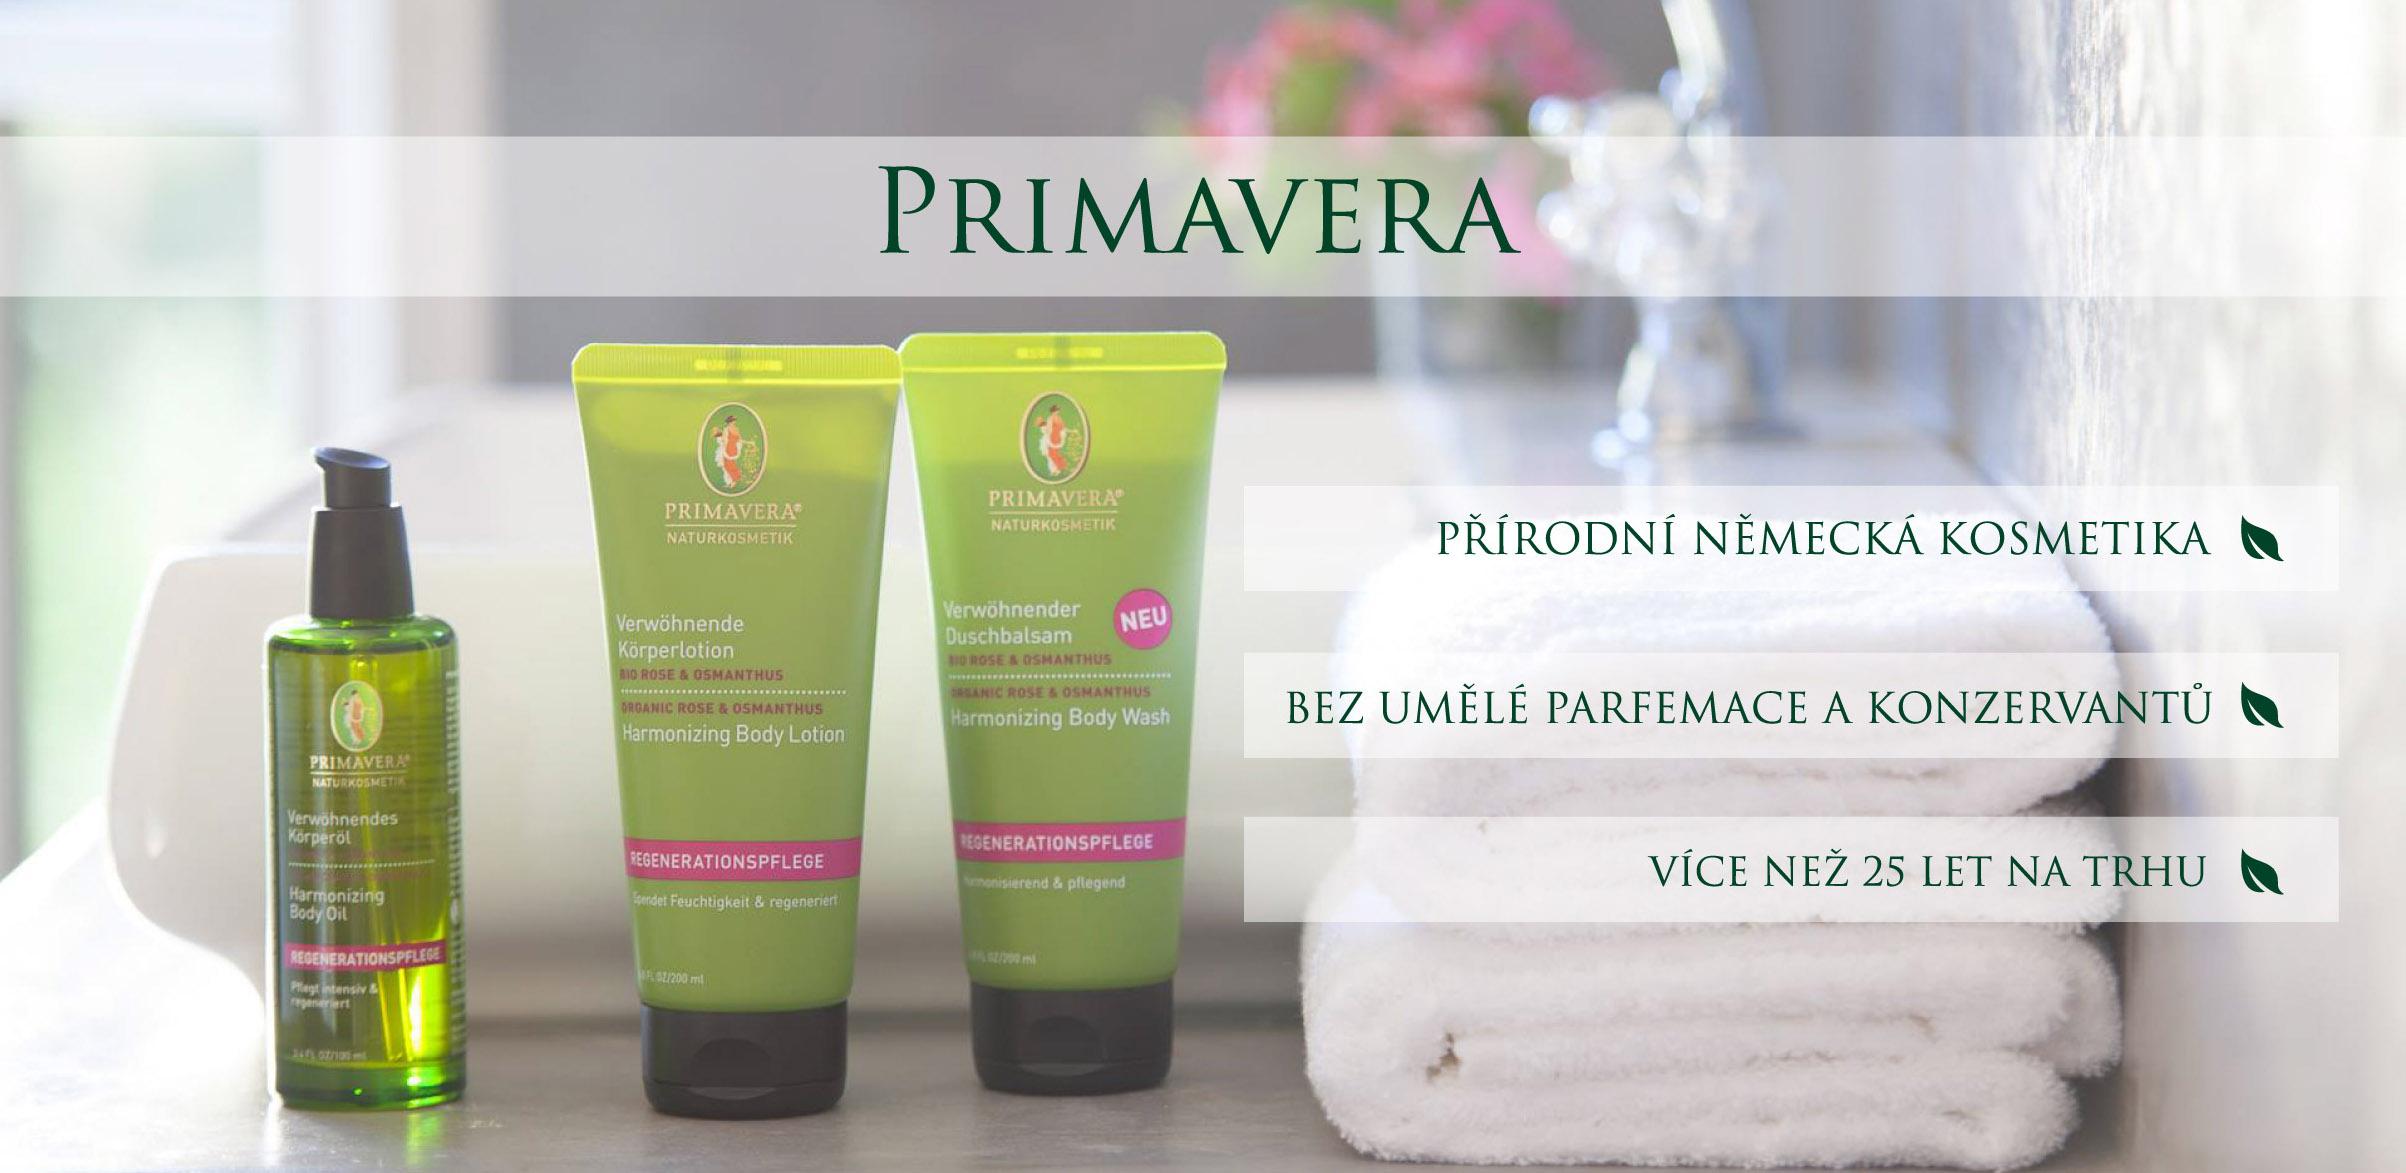 Přírodní kosmetika Primavera